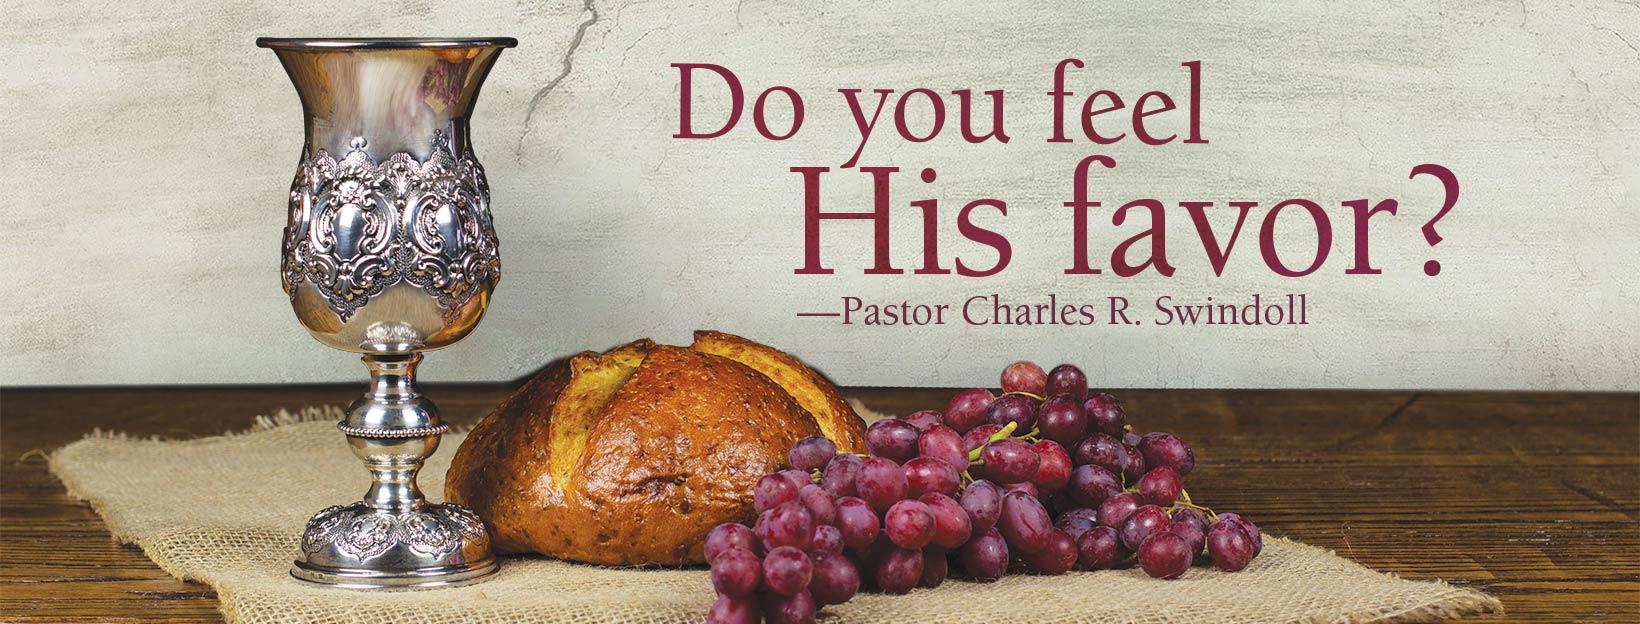 Do you feel His favor?